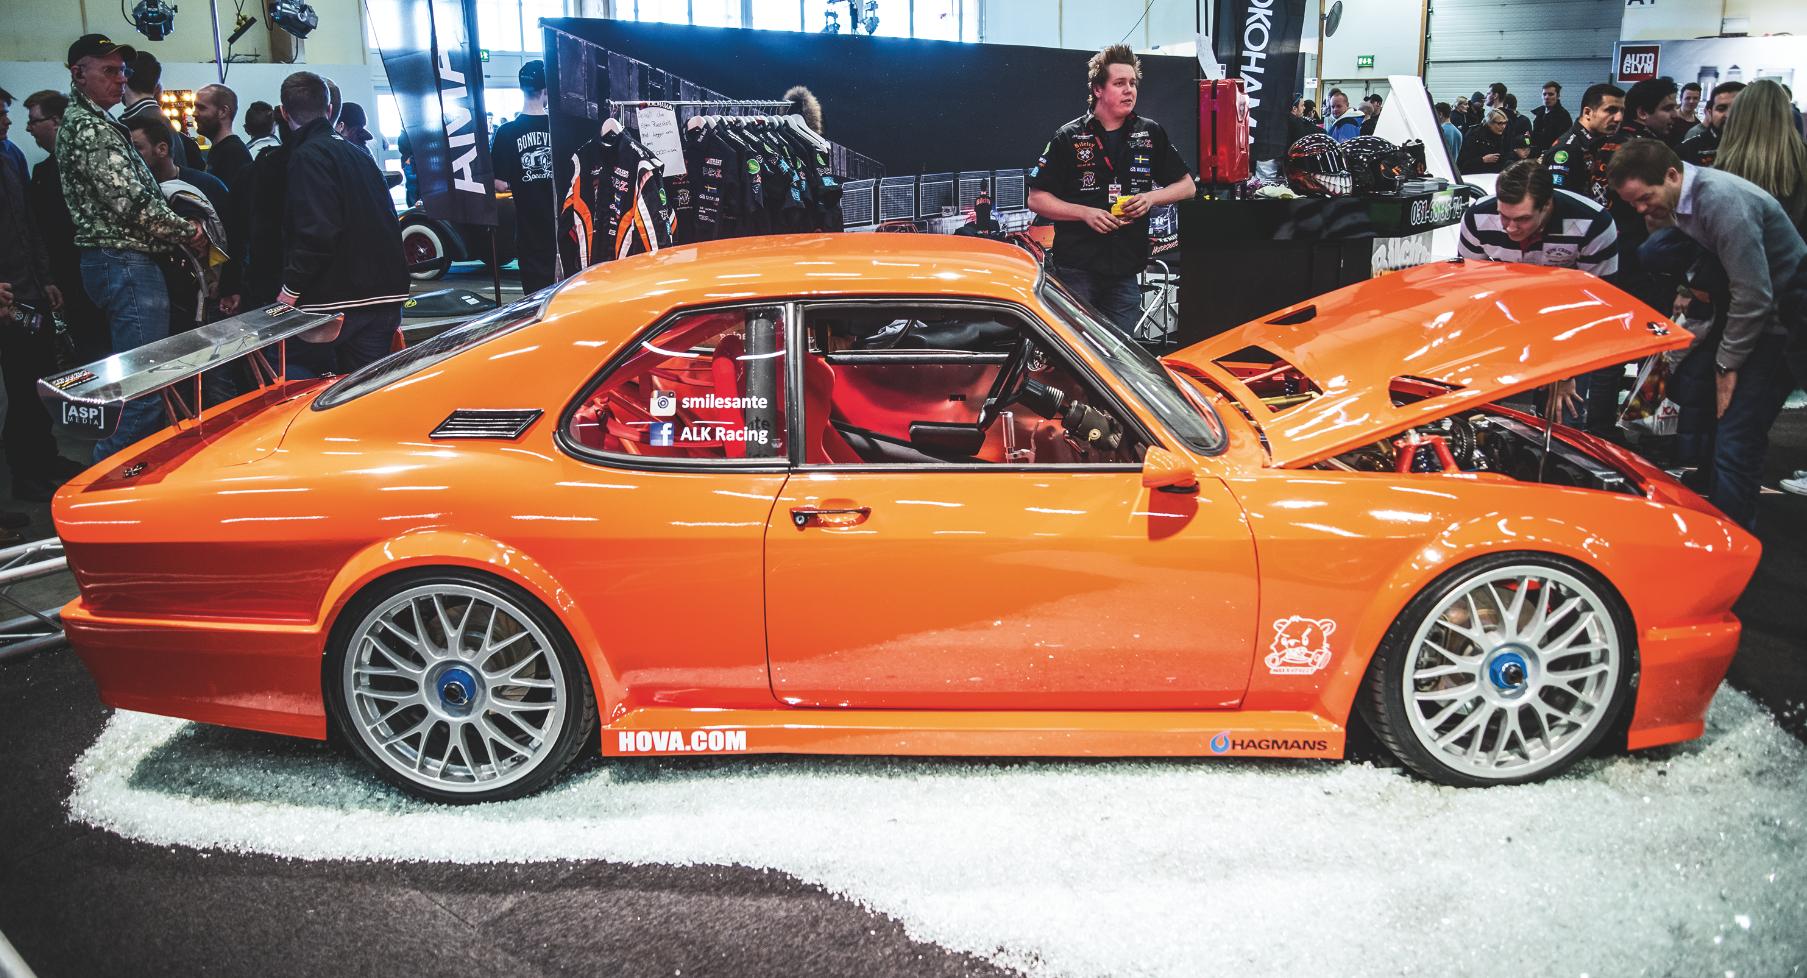 LEGENDARISK OPEL MANTA TIL DANMARK – Danmarks største bilshow